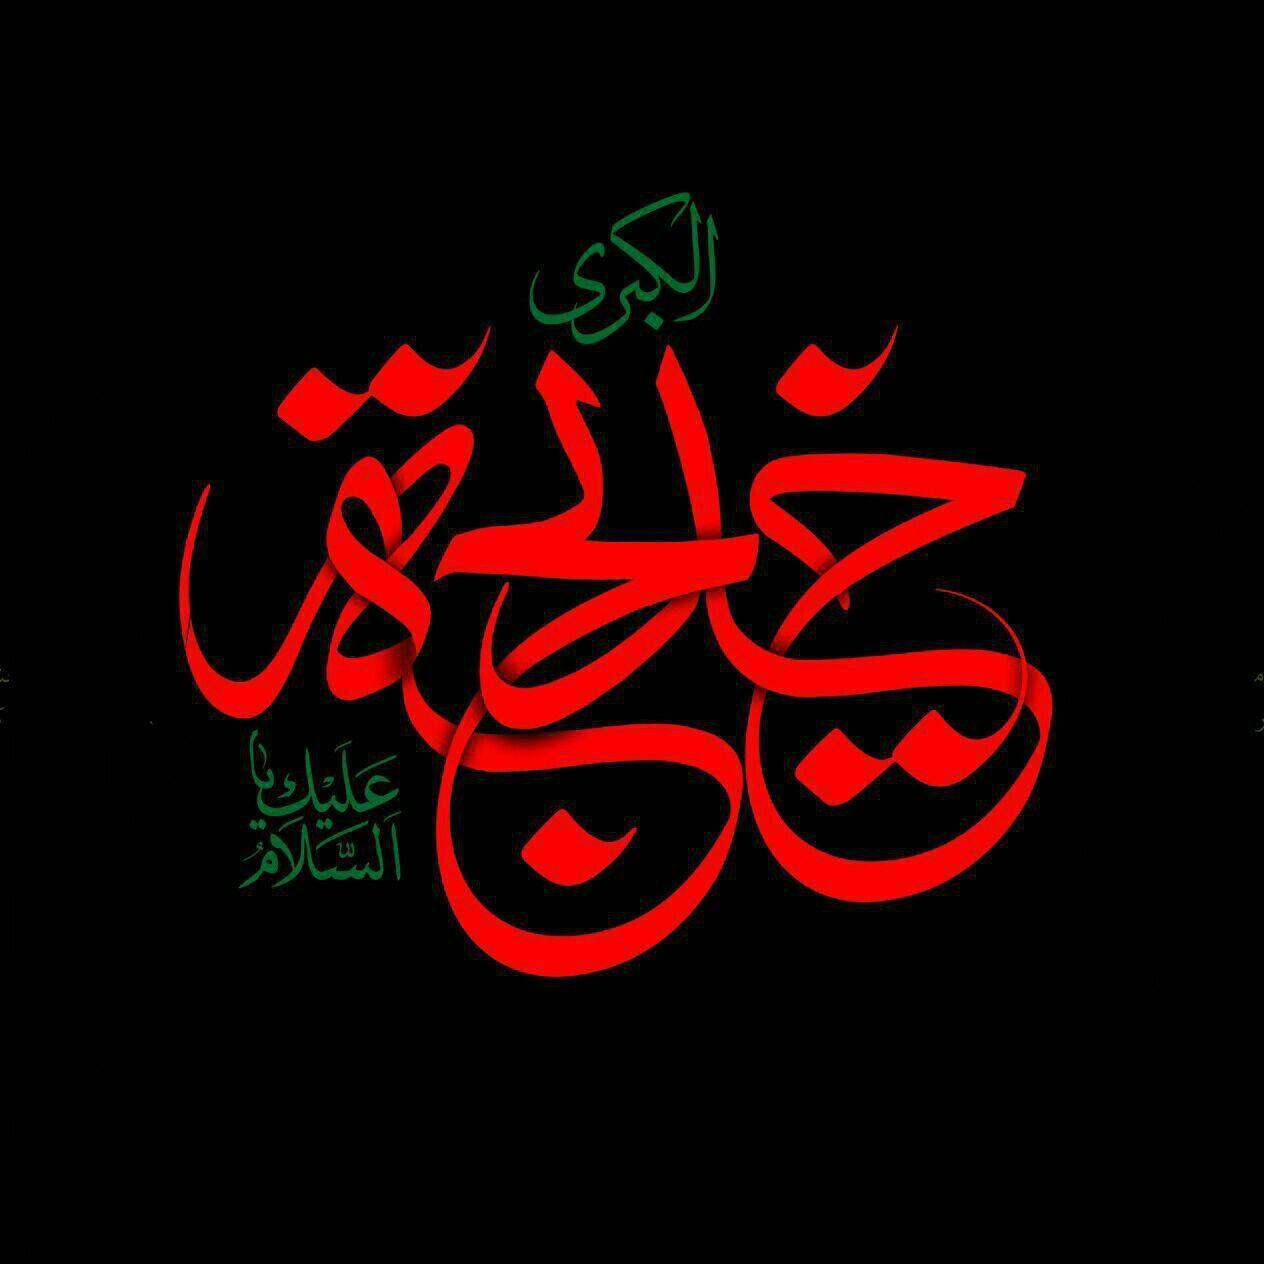 دانلود مداحی حاج حسین سیب سرخی  اولین اجتماع یاوران ام المومنین حضرت خدیجه (س)